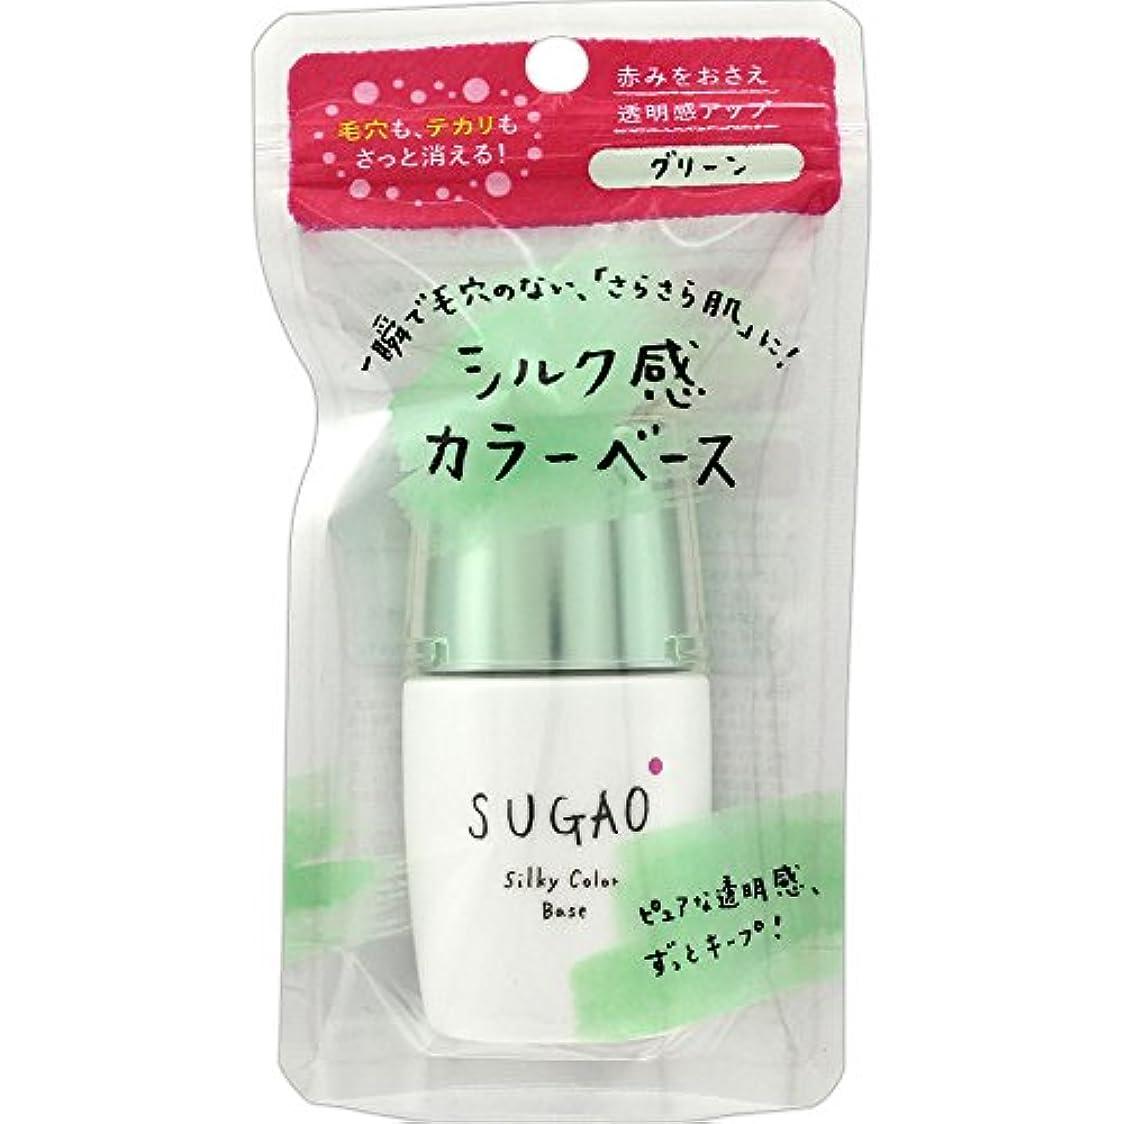 たぶん尋ねる失態スガオ (SUGAO) シルク感カラーベース グリーン SPF20 PA+++ 20mL